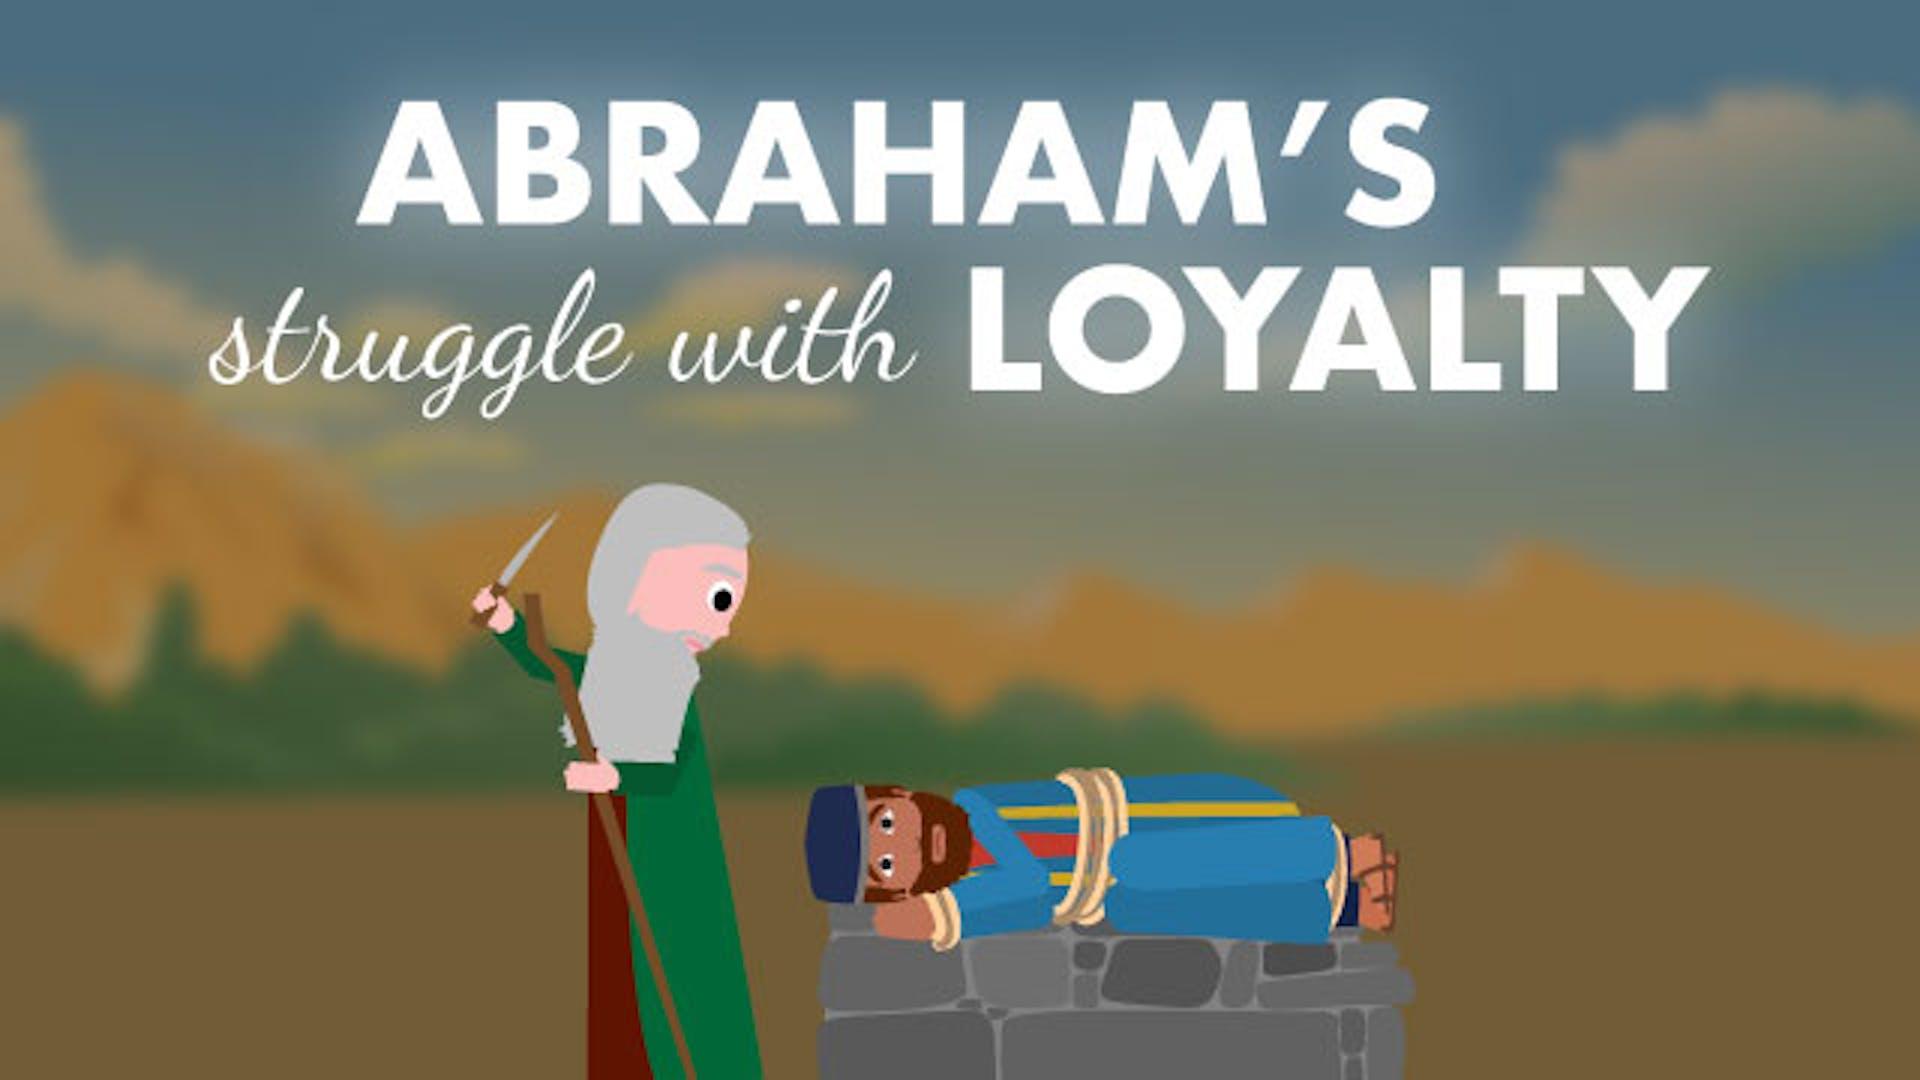 Abraham Binding Isaac story explained